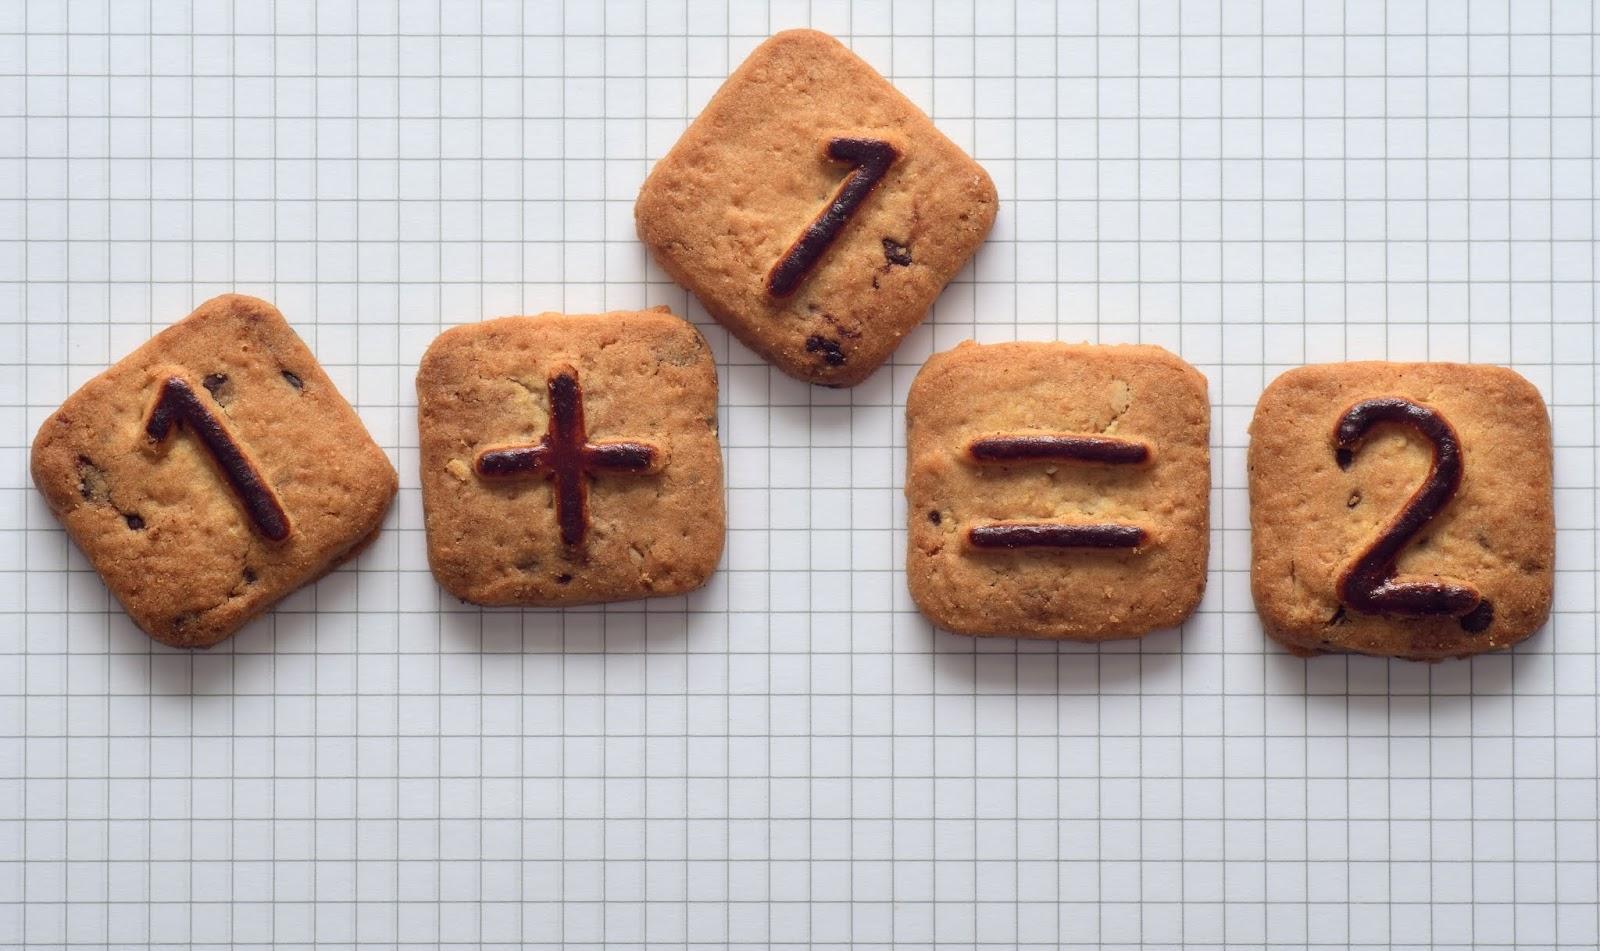 Metode Pembelajaran Matematika Yang Dianjurkan Metode Pembelajaran Matematika Yang Dianjurkan